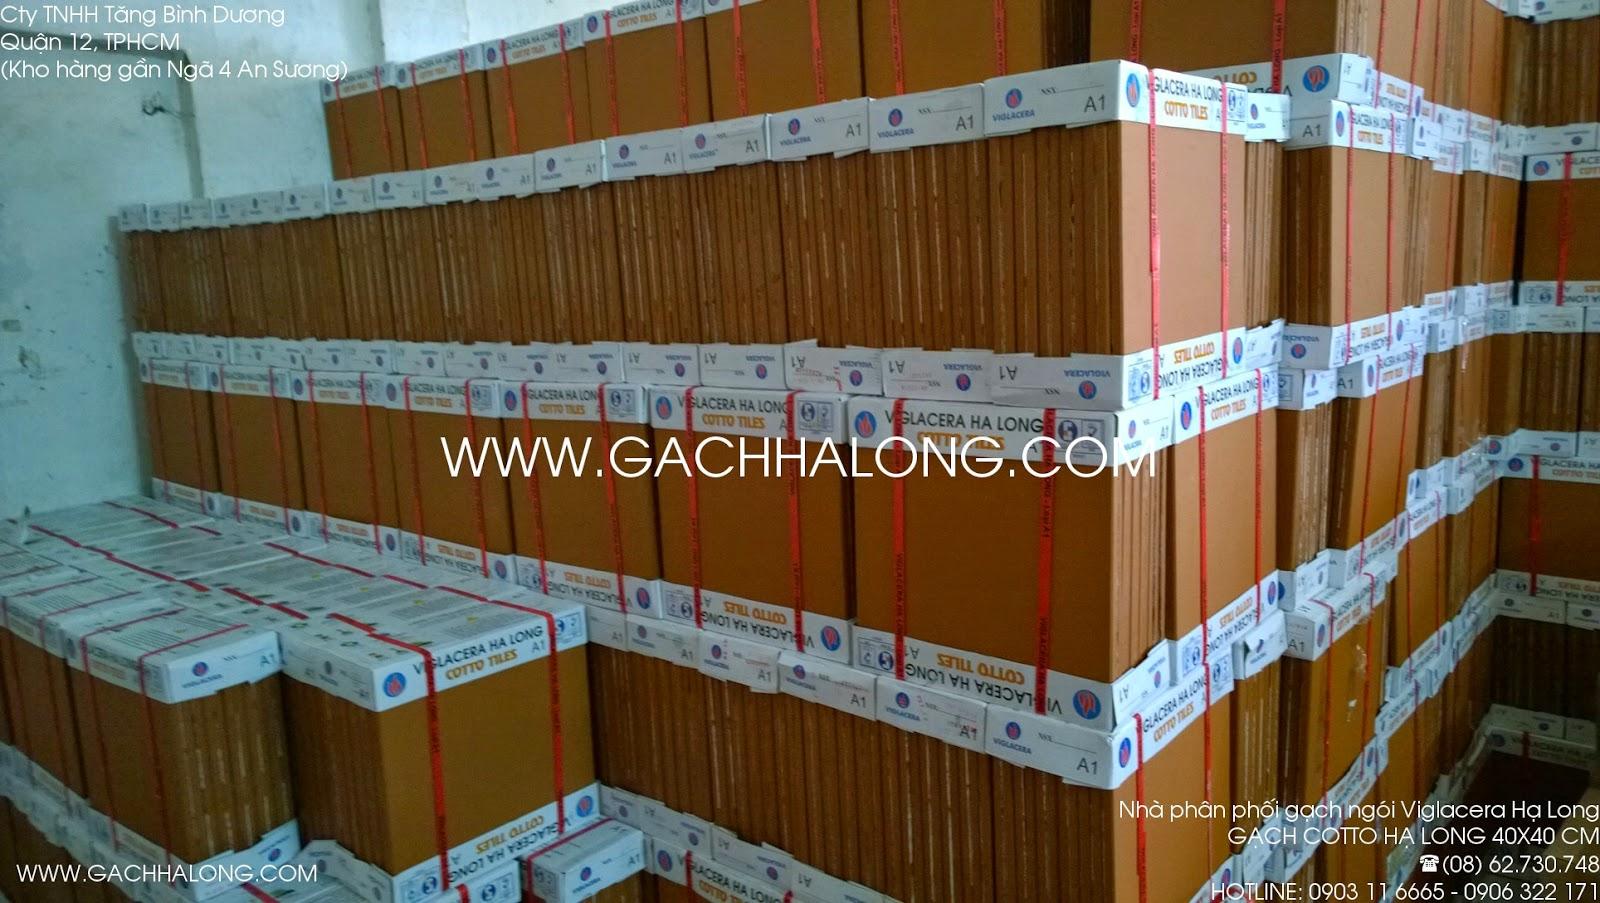 Lô hàng gạch cotto 30x30 Viglacera Hạ Long